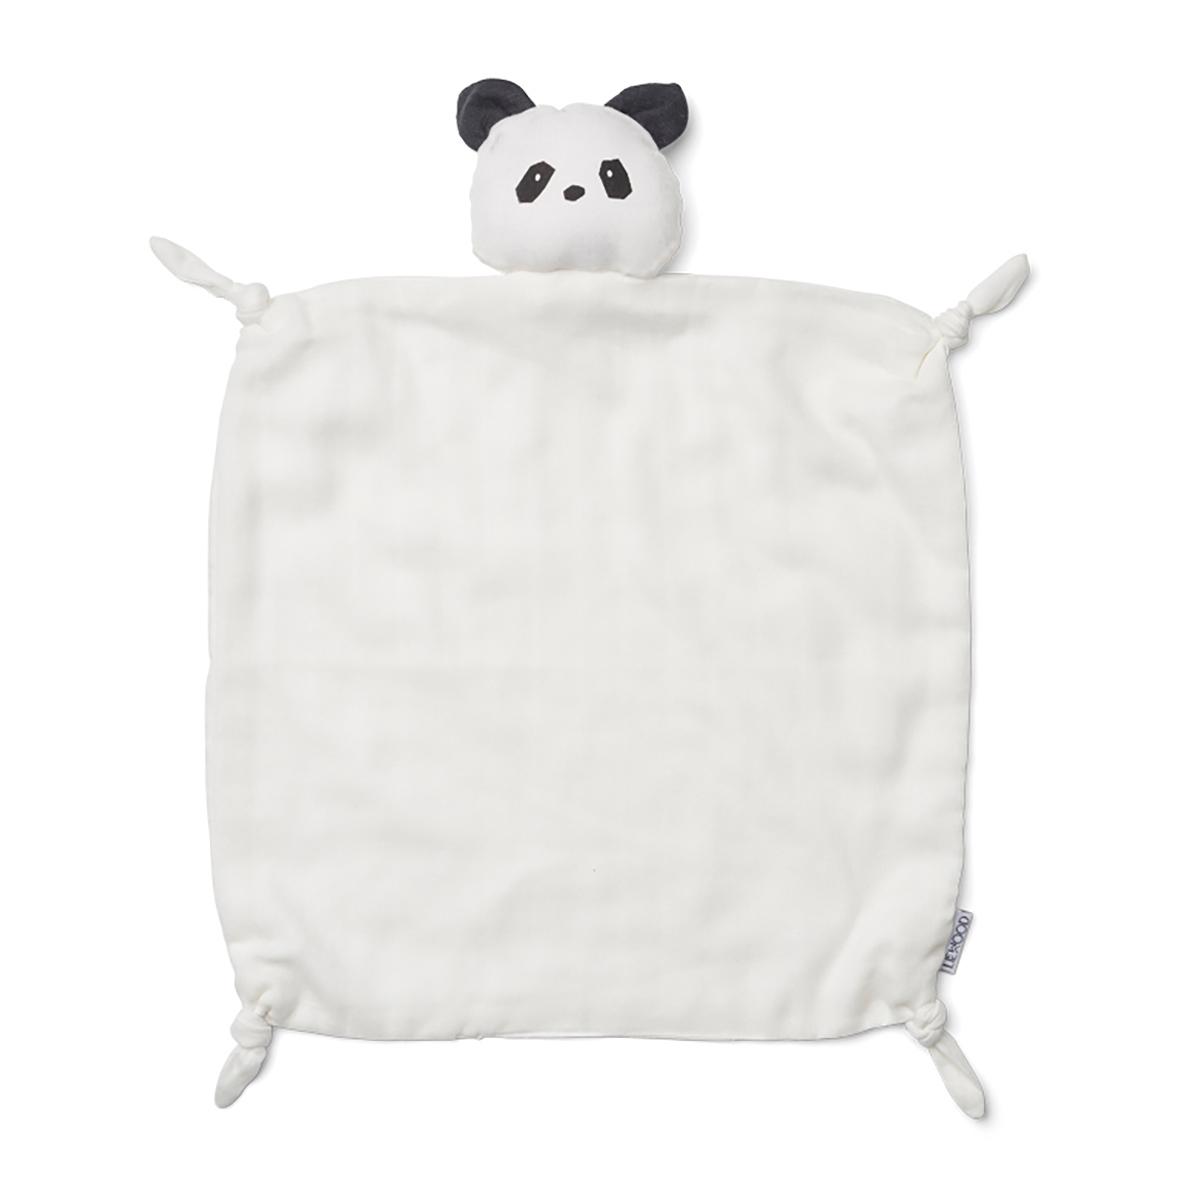 Doudou Doudou Agnete Panda - Crème de la Crème Doudou Agnete Panda - Crème de la Crème